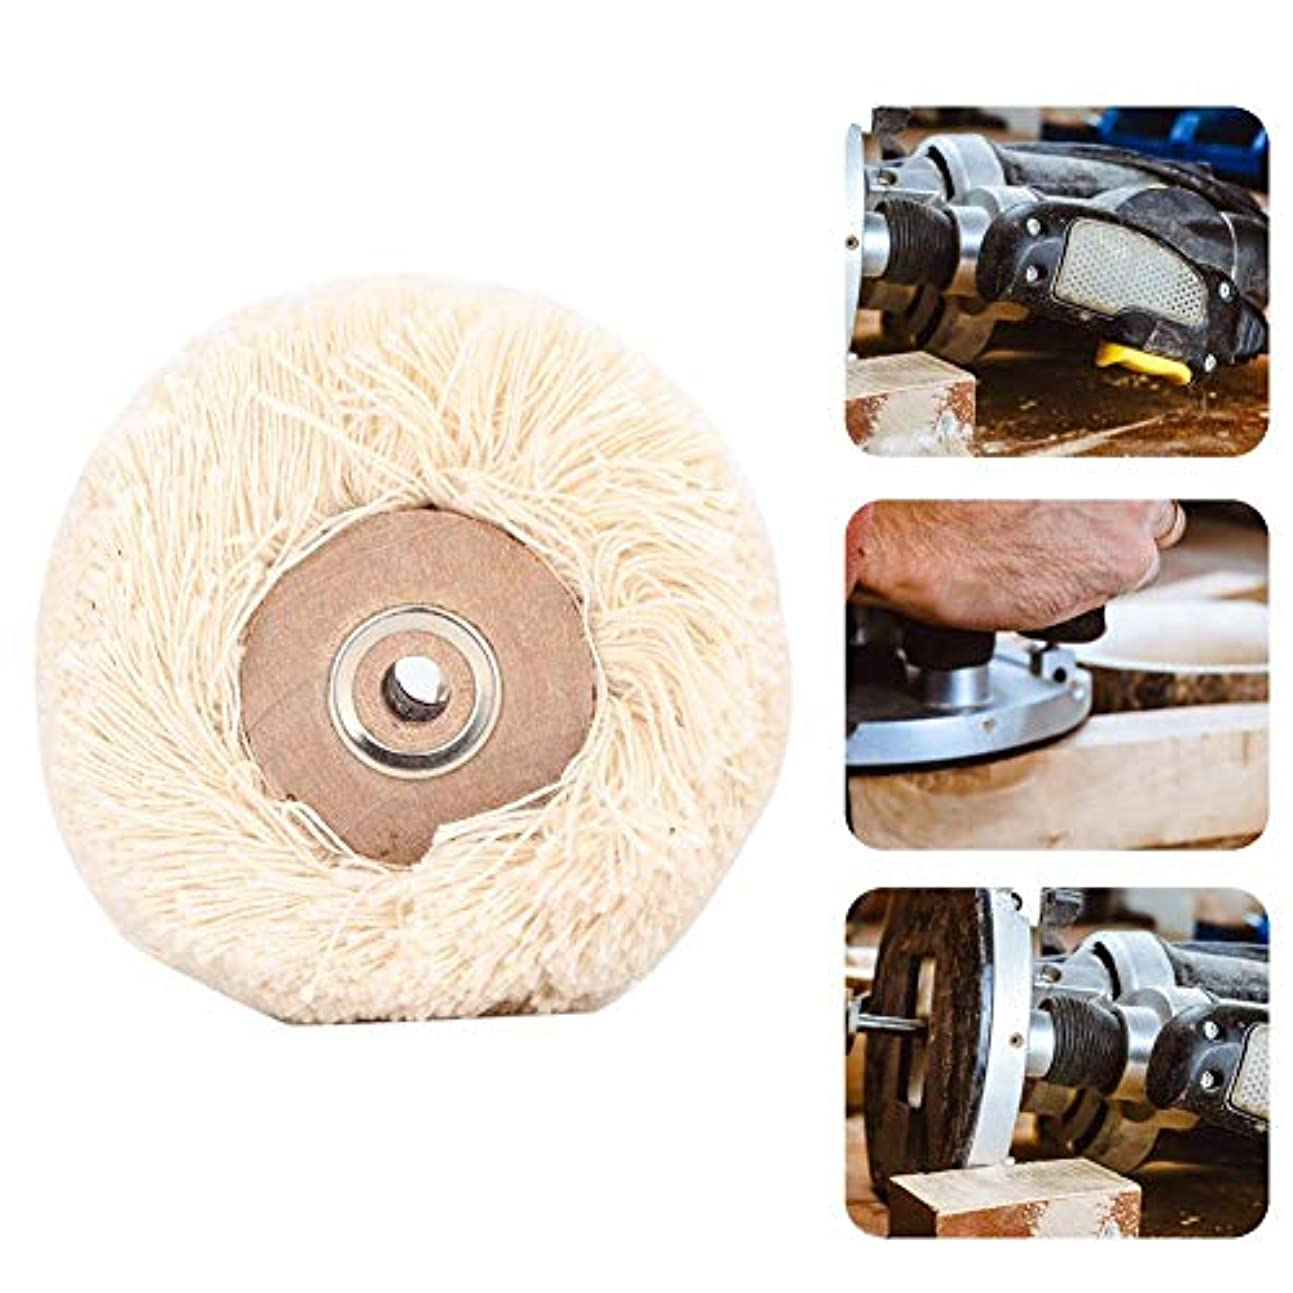 研磨ヘッド 回転工具 研磨ドリルグラインダーホイールブラシジュエリー研磨工具(M)